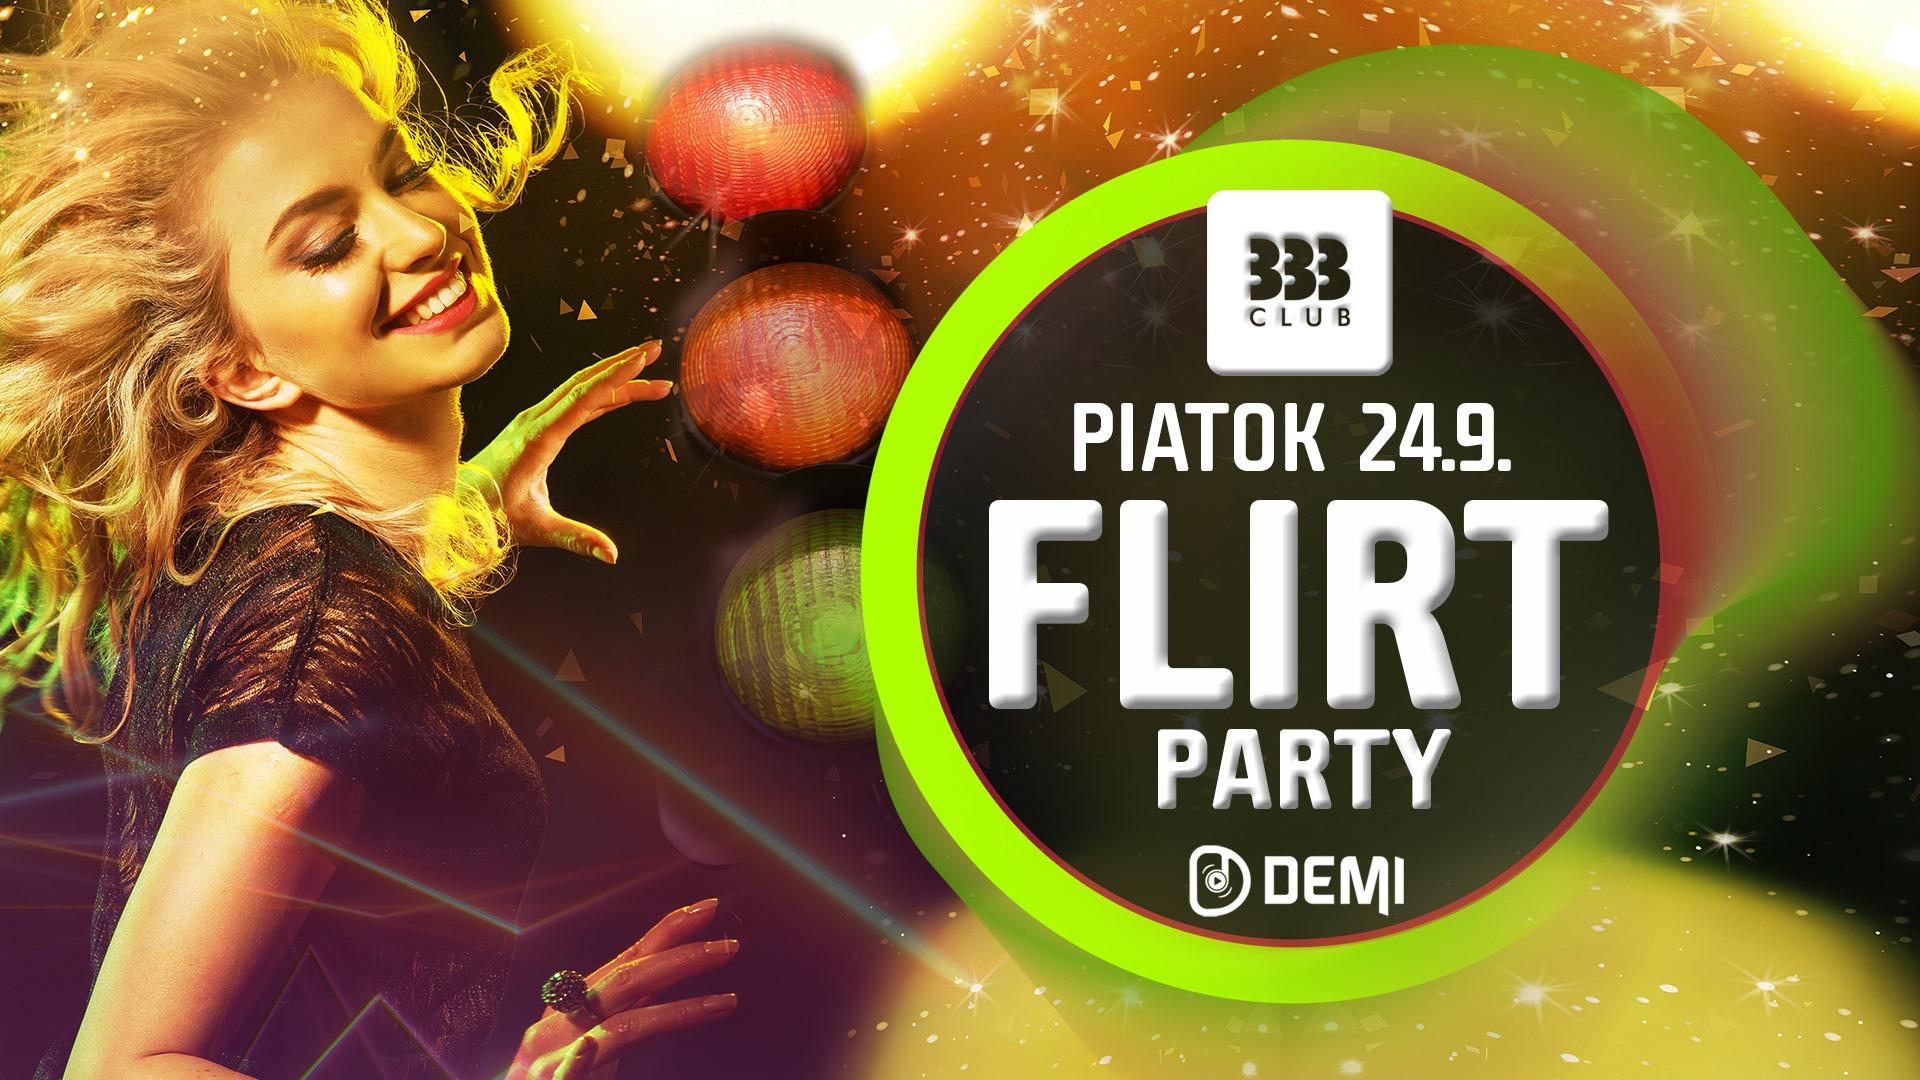 ♡ FLIRT Party ♡ 24.9.